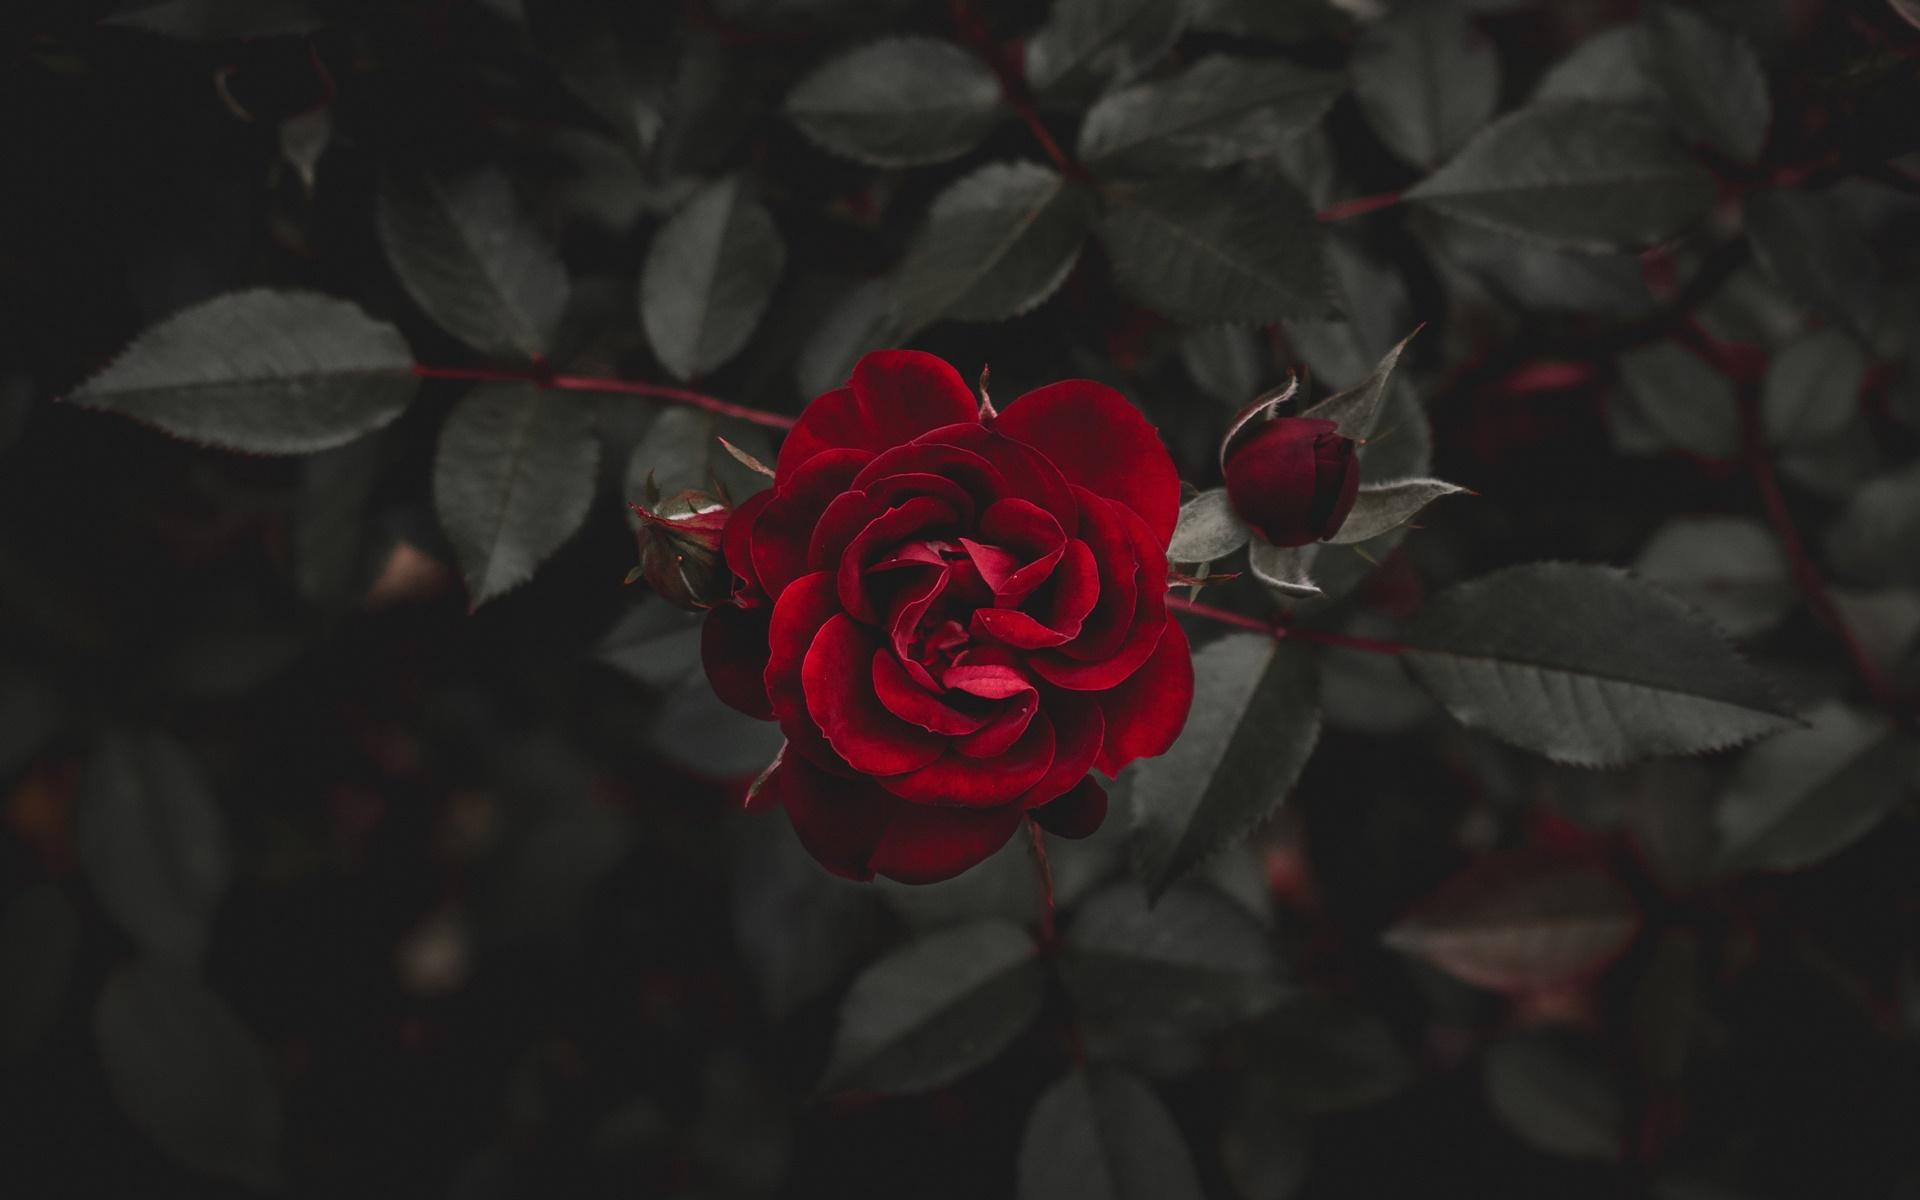 Hoa hồng mang nét quyến rũ rất riêng